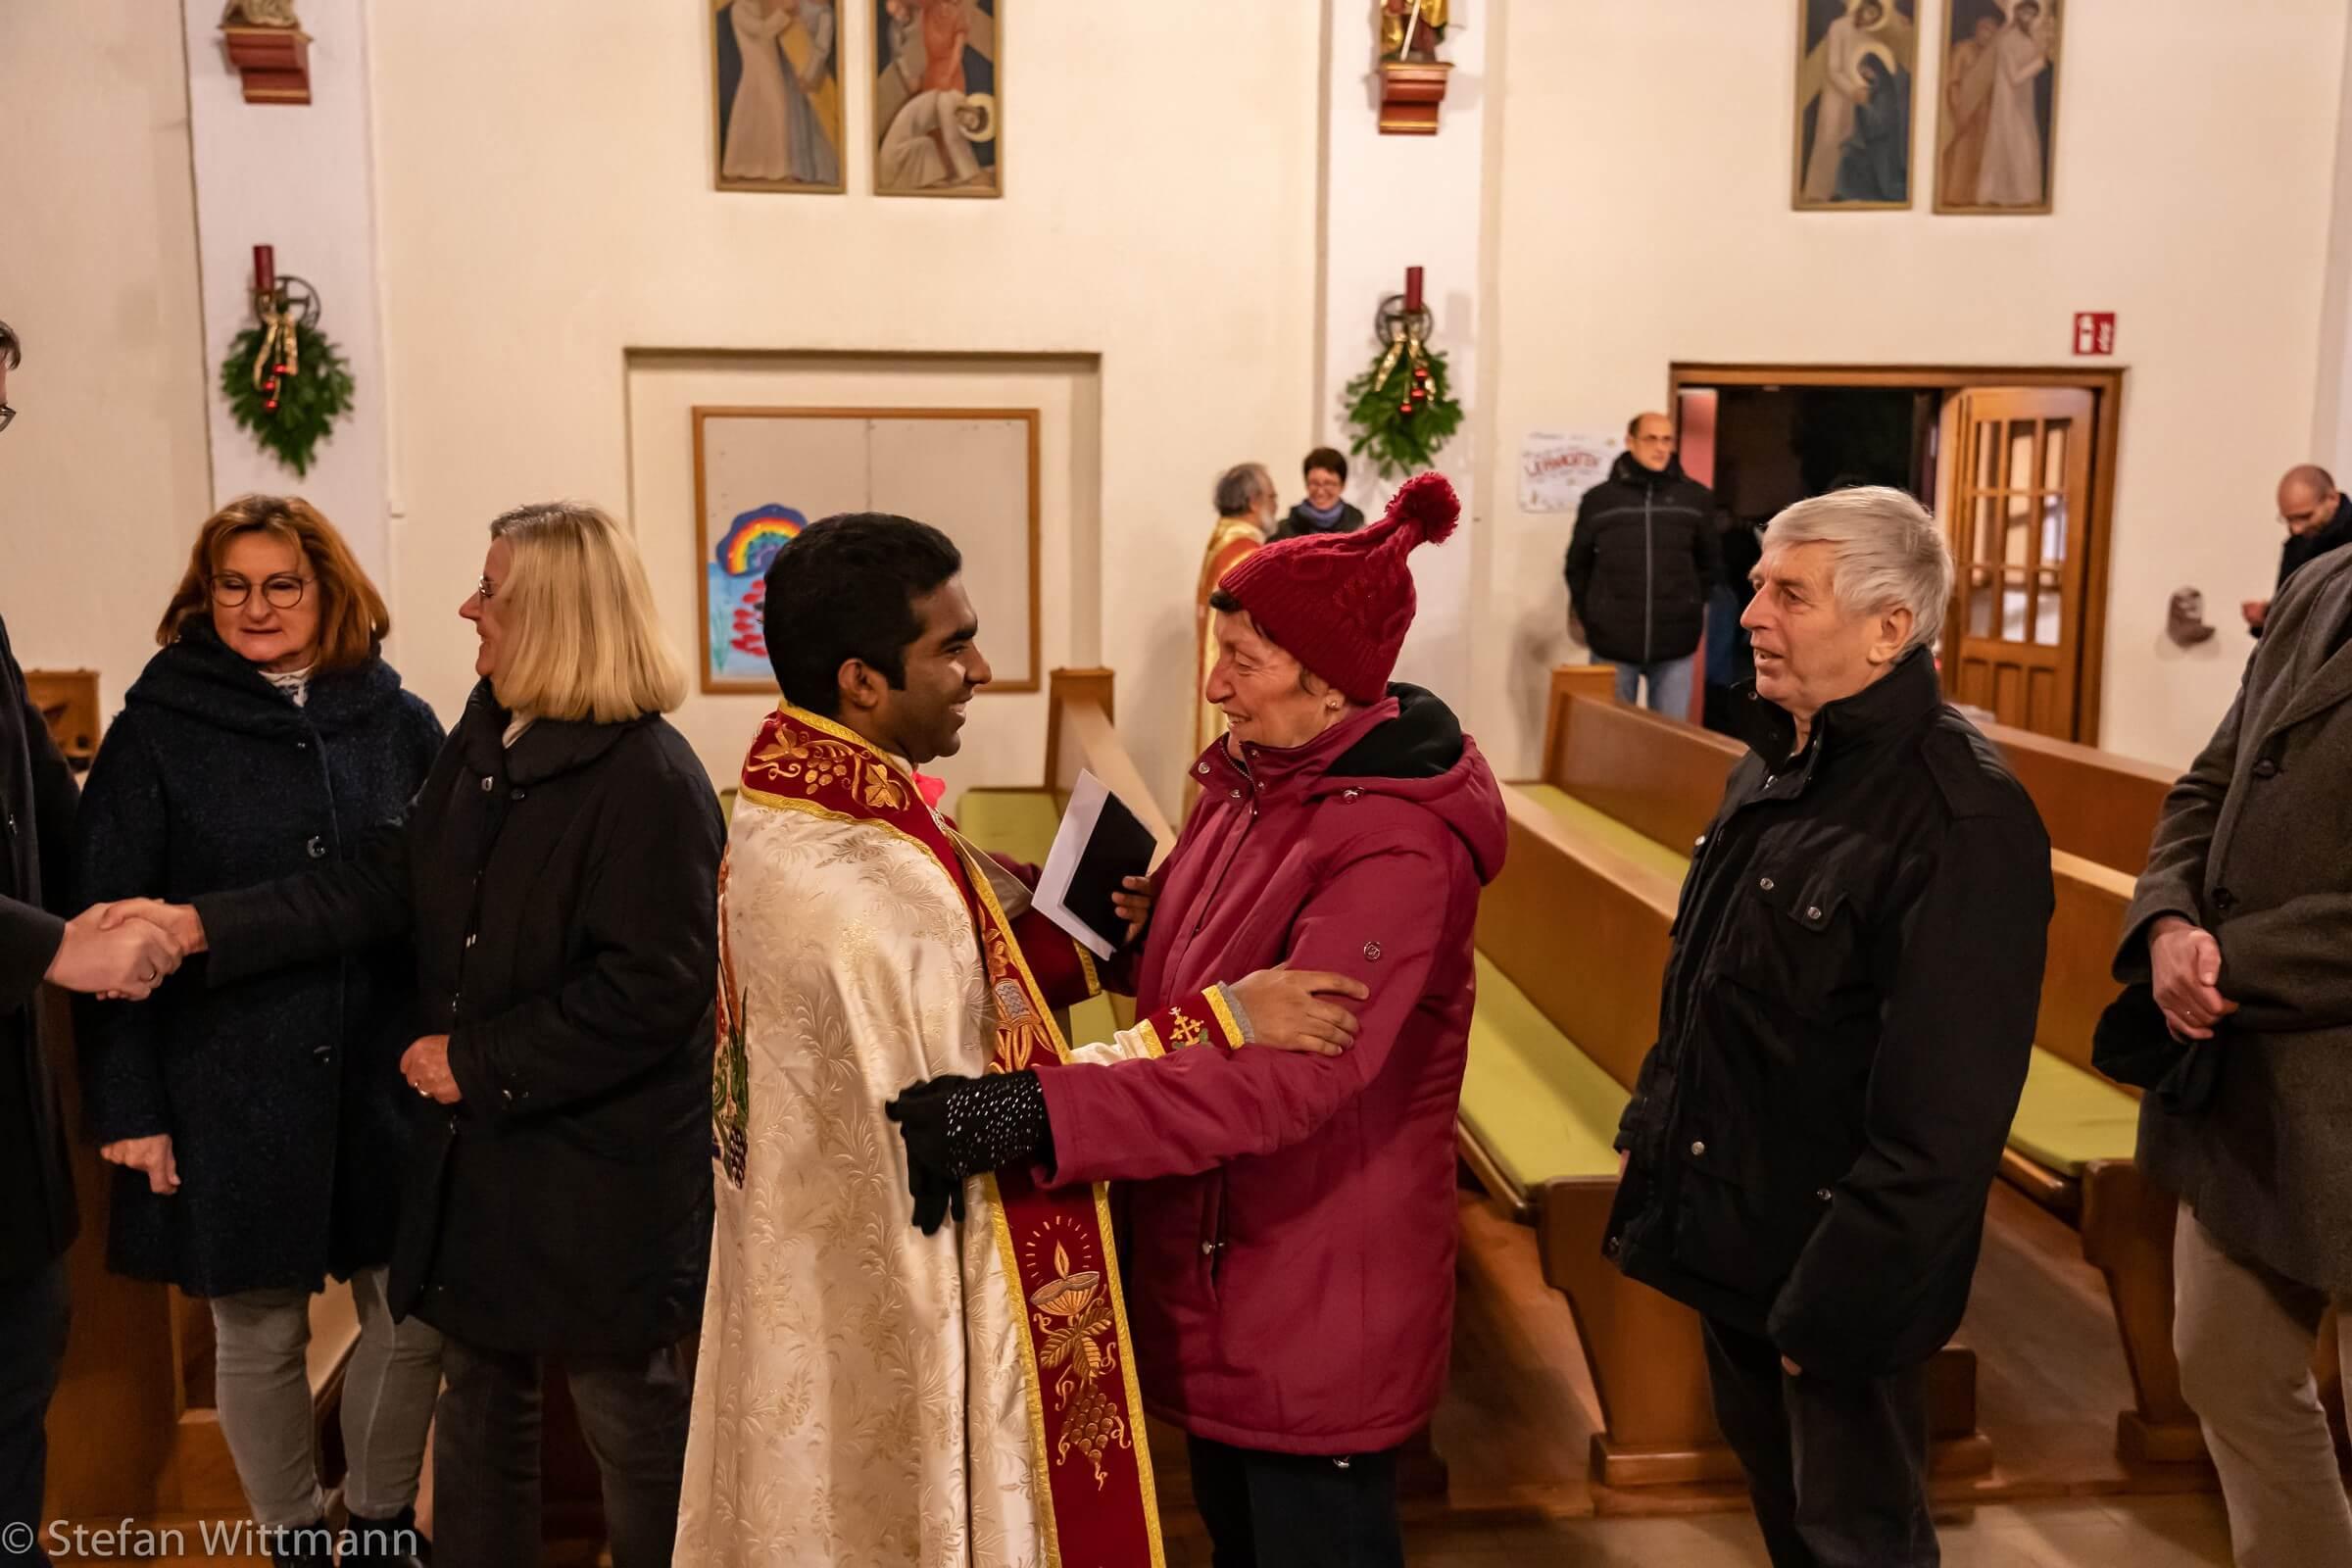 20181230-10 Jahre Priester Joseph - von Wittmann Stefan 20181230181421-DSC01995